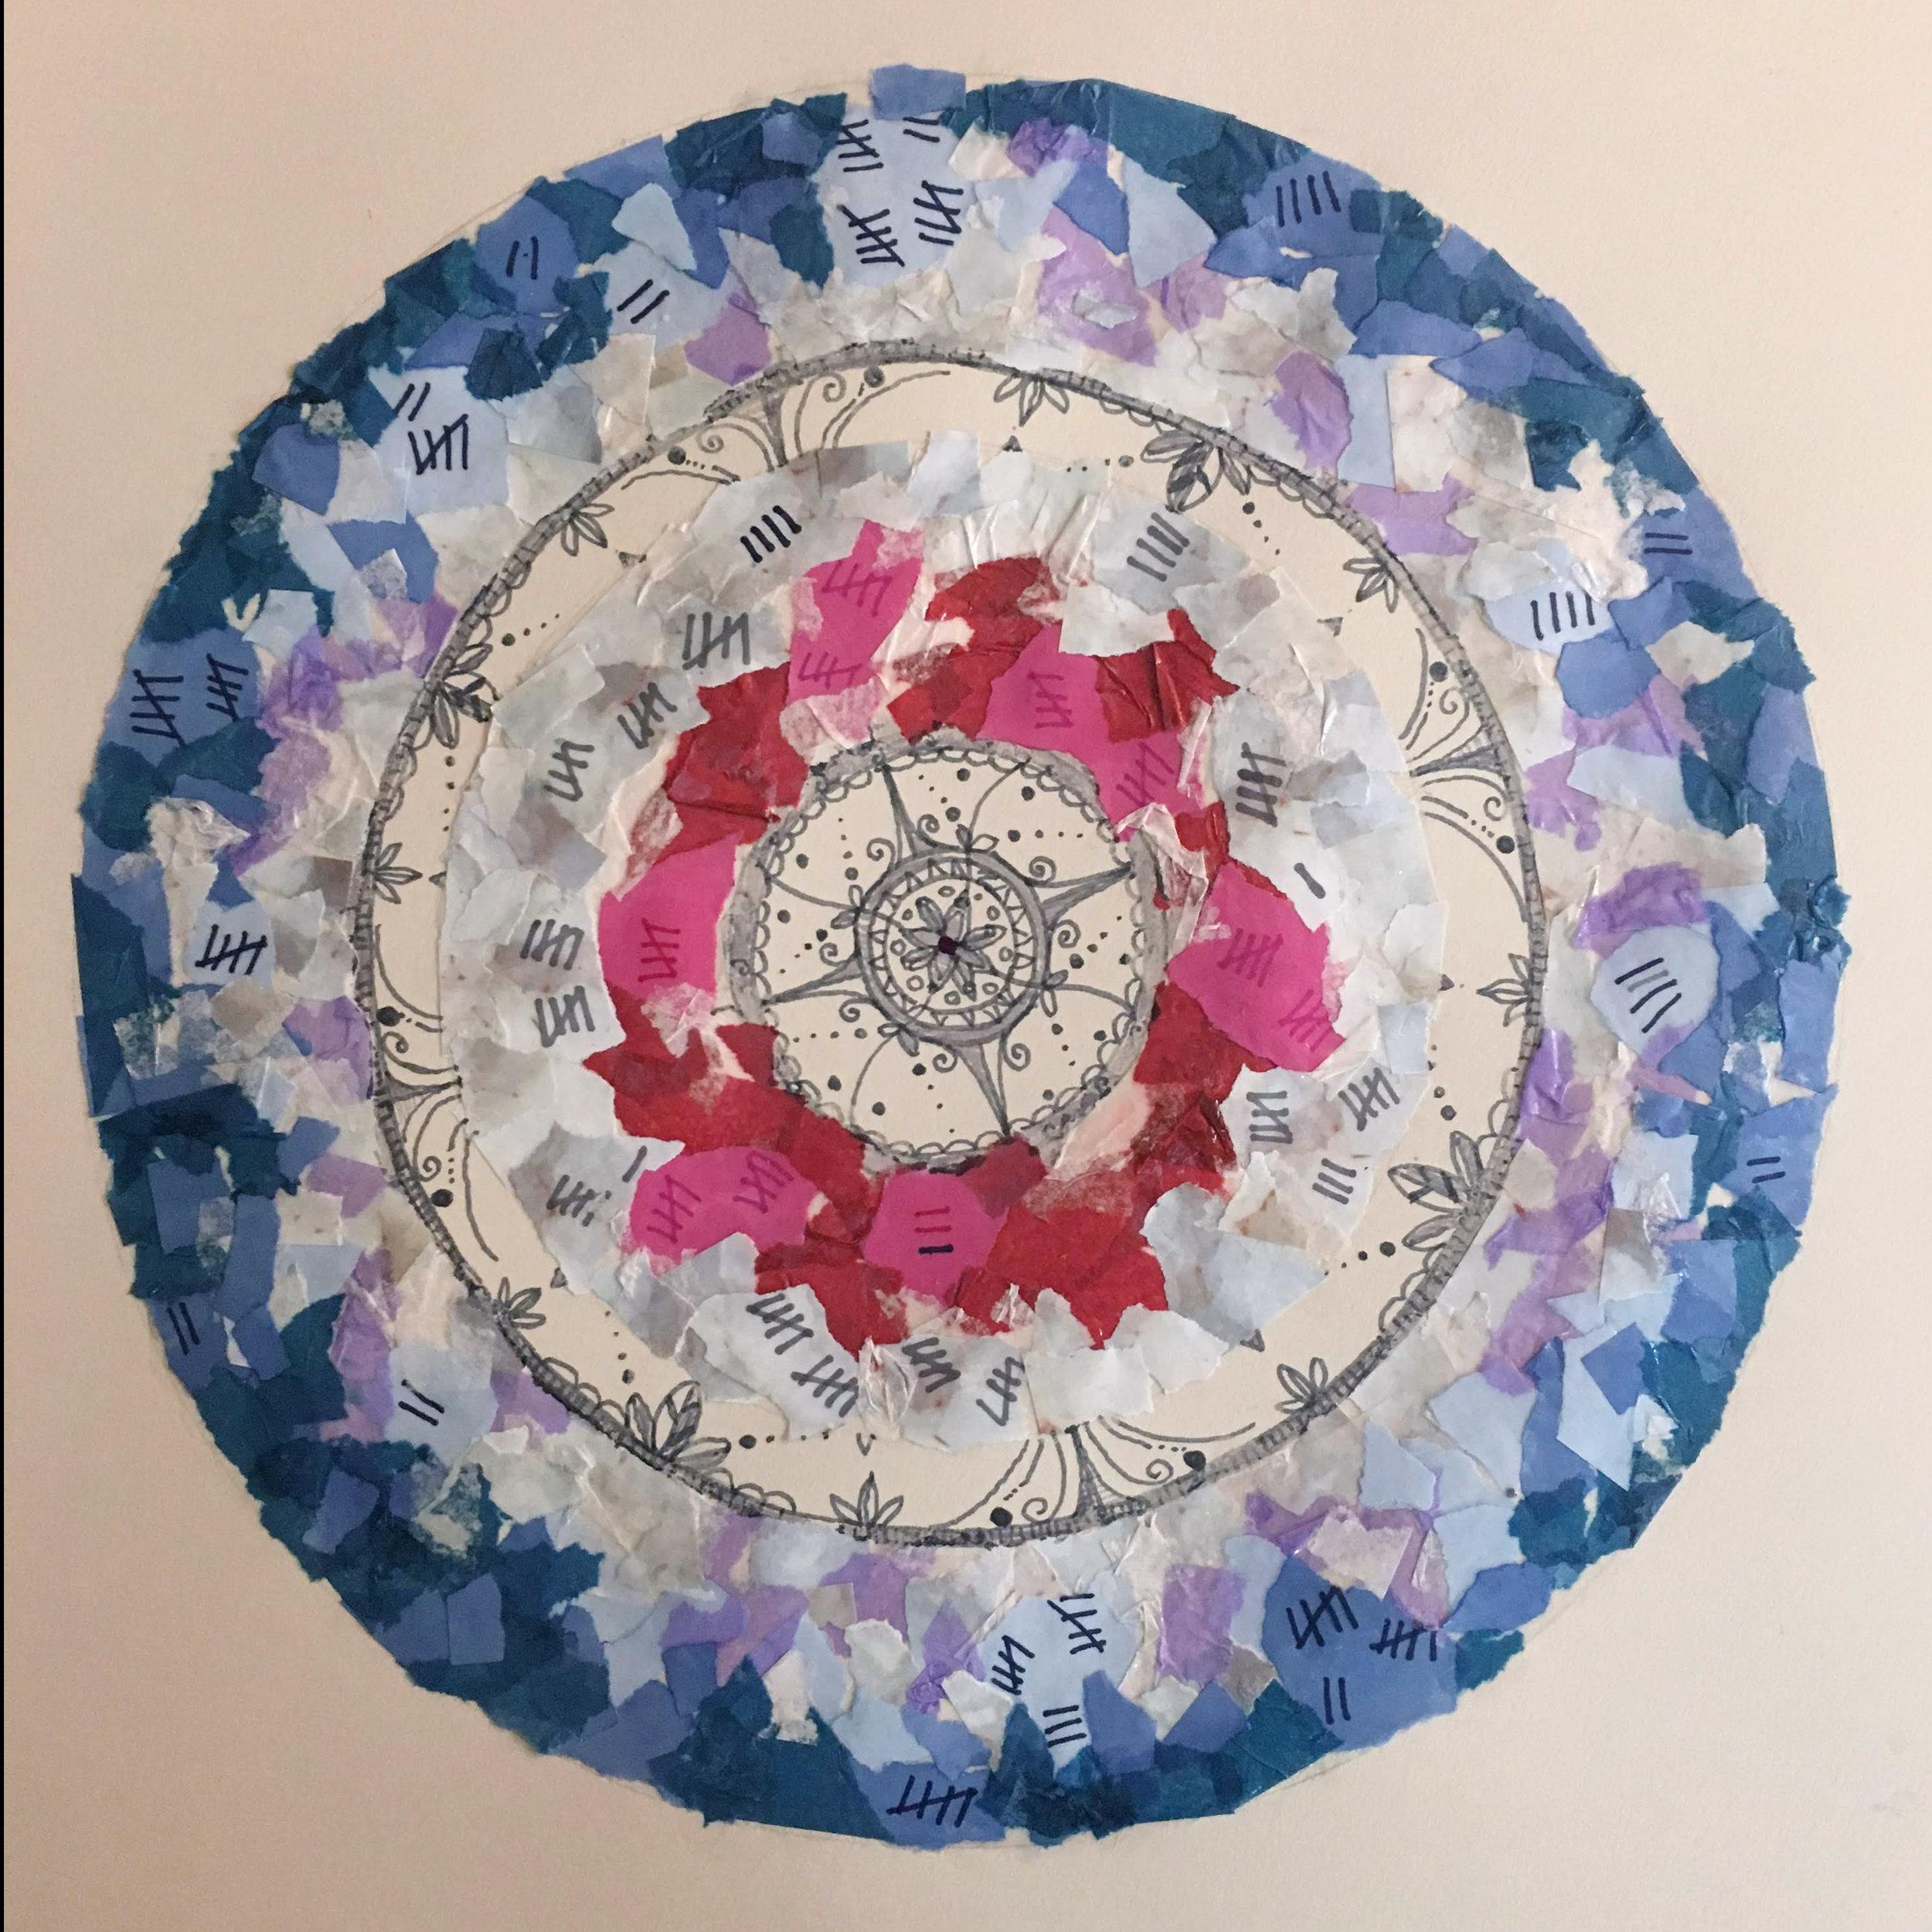 Thesis Mandala,  in progress